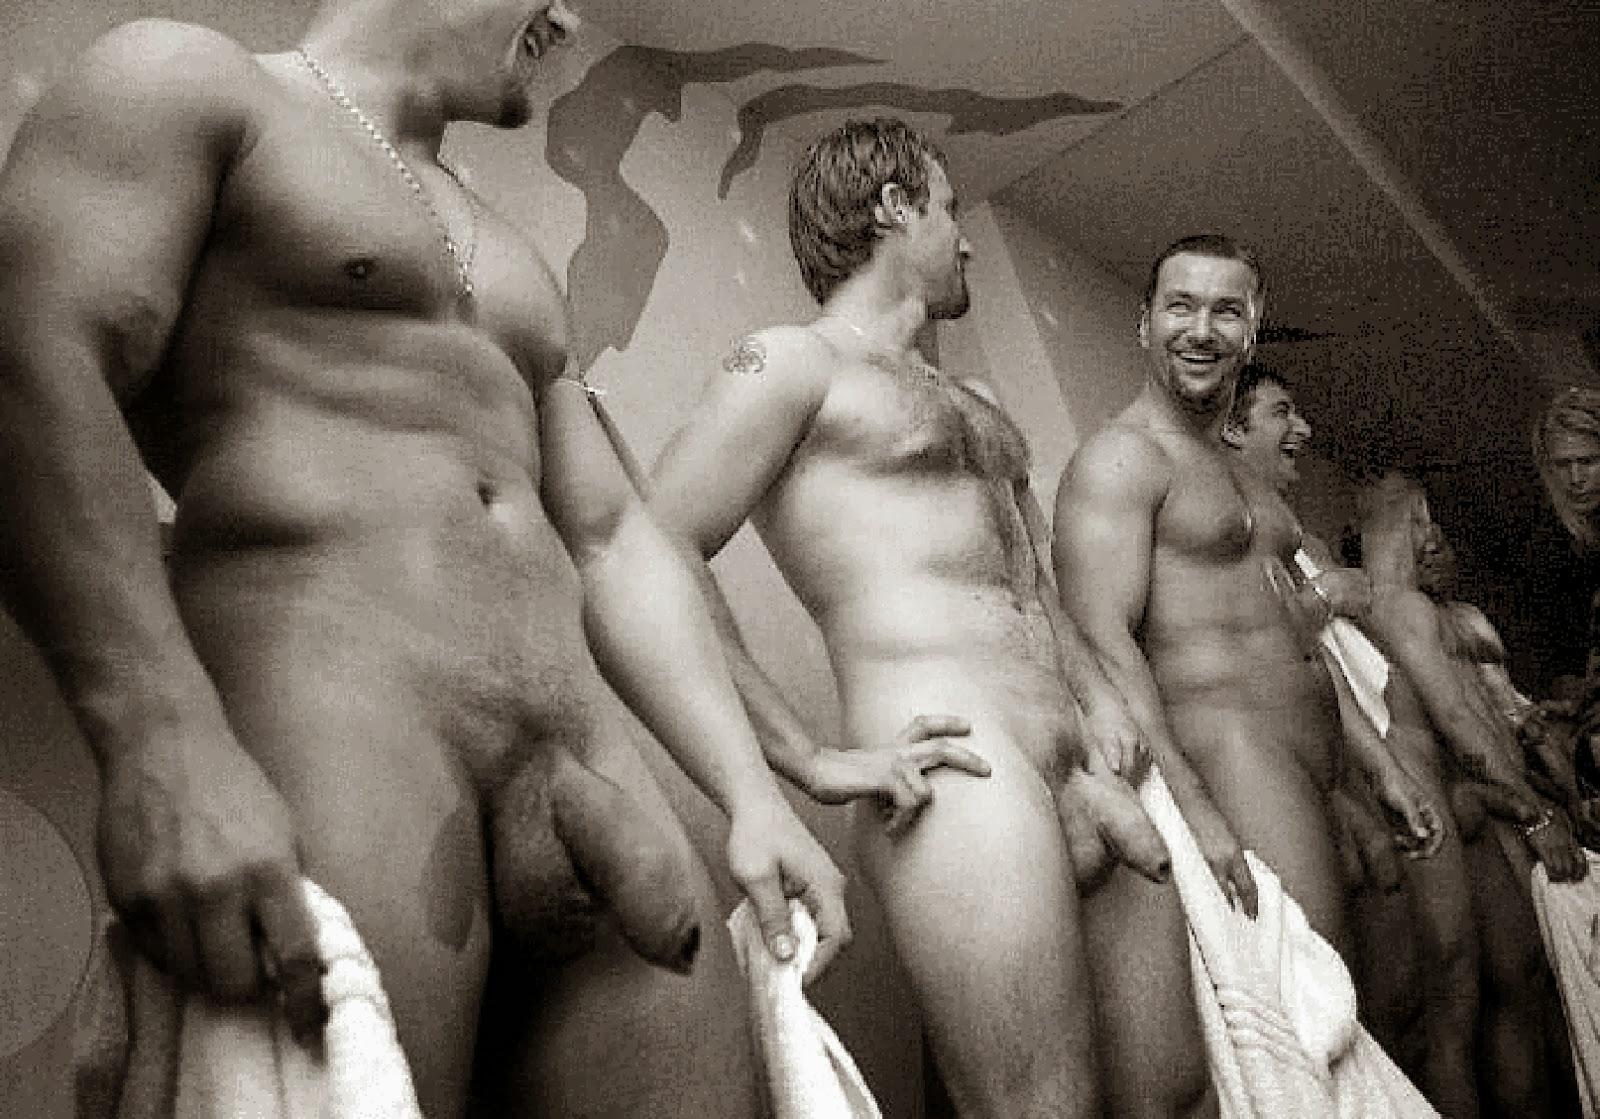 Смотреть мужчин с членами, Лучшие половые члены (100 фото) 1 фотография